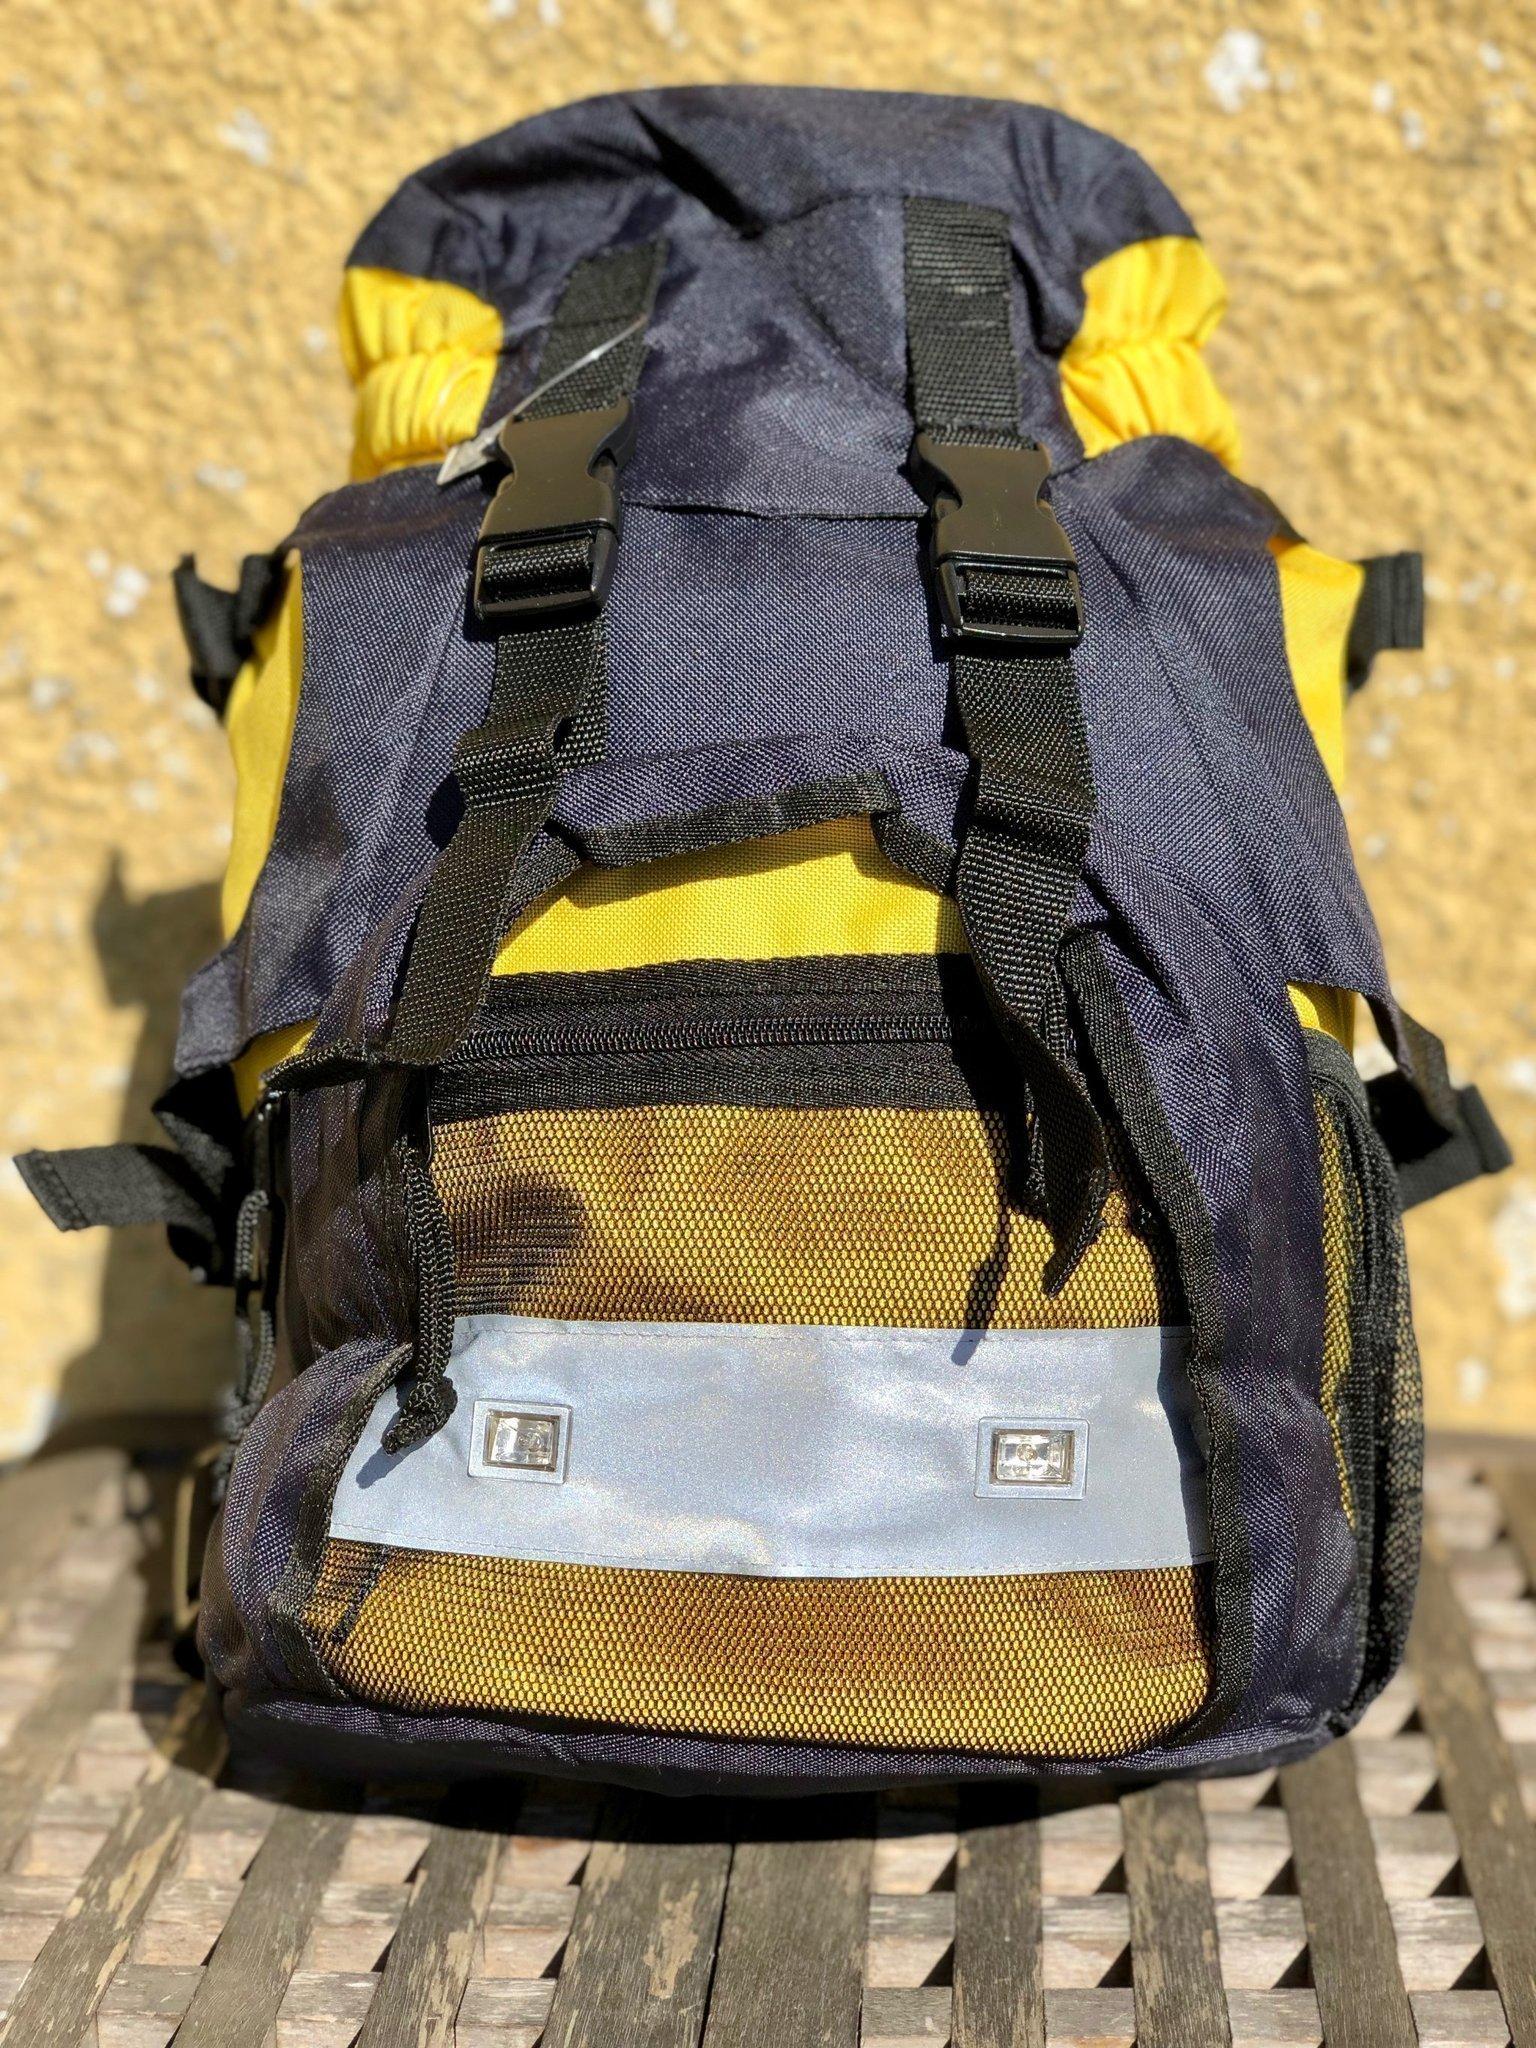 Ny 25 L ryggsäck med reflex och blinkade ljus för att synas i mörkret, helt ny!